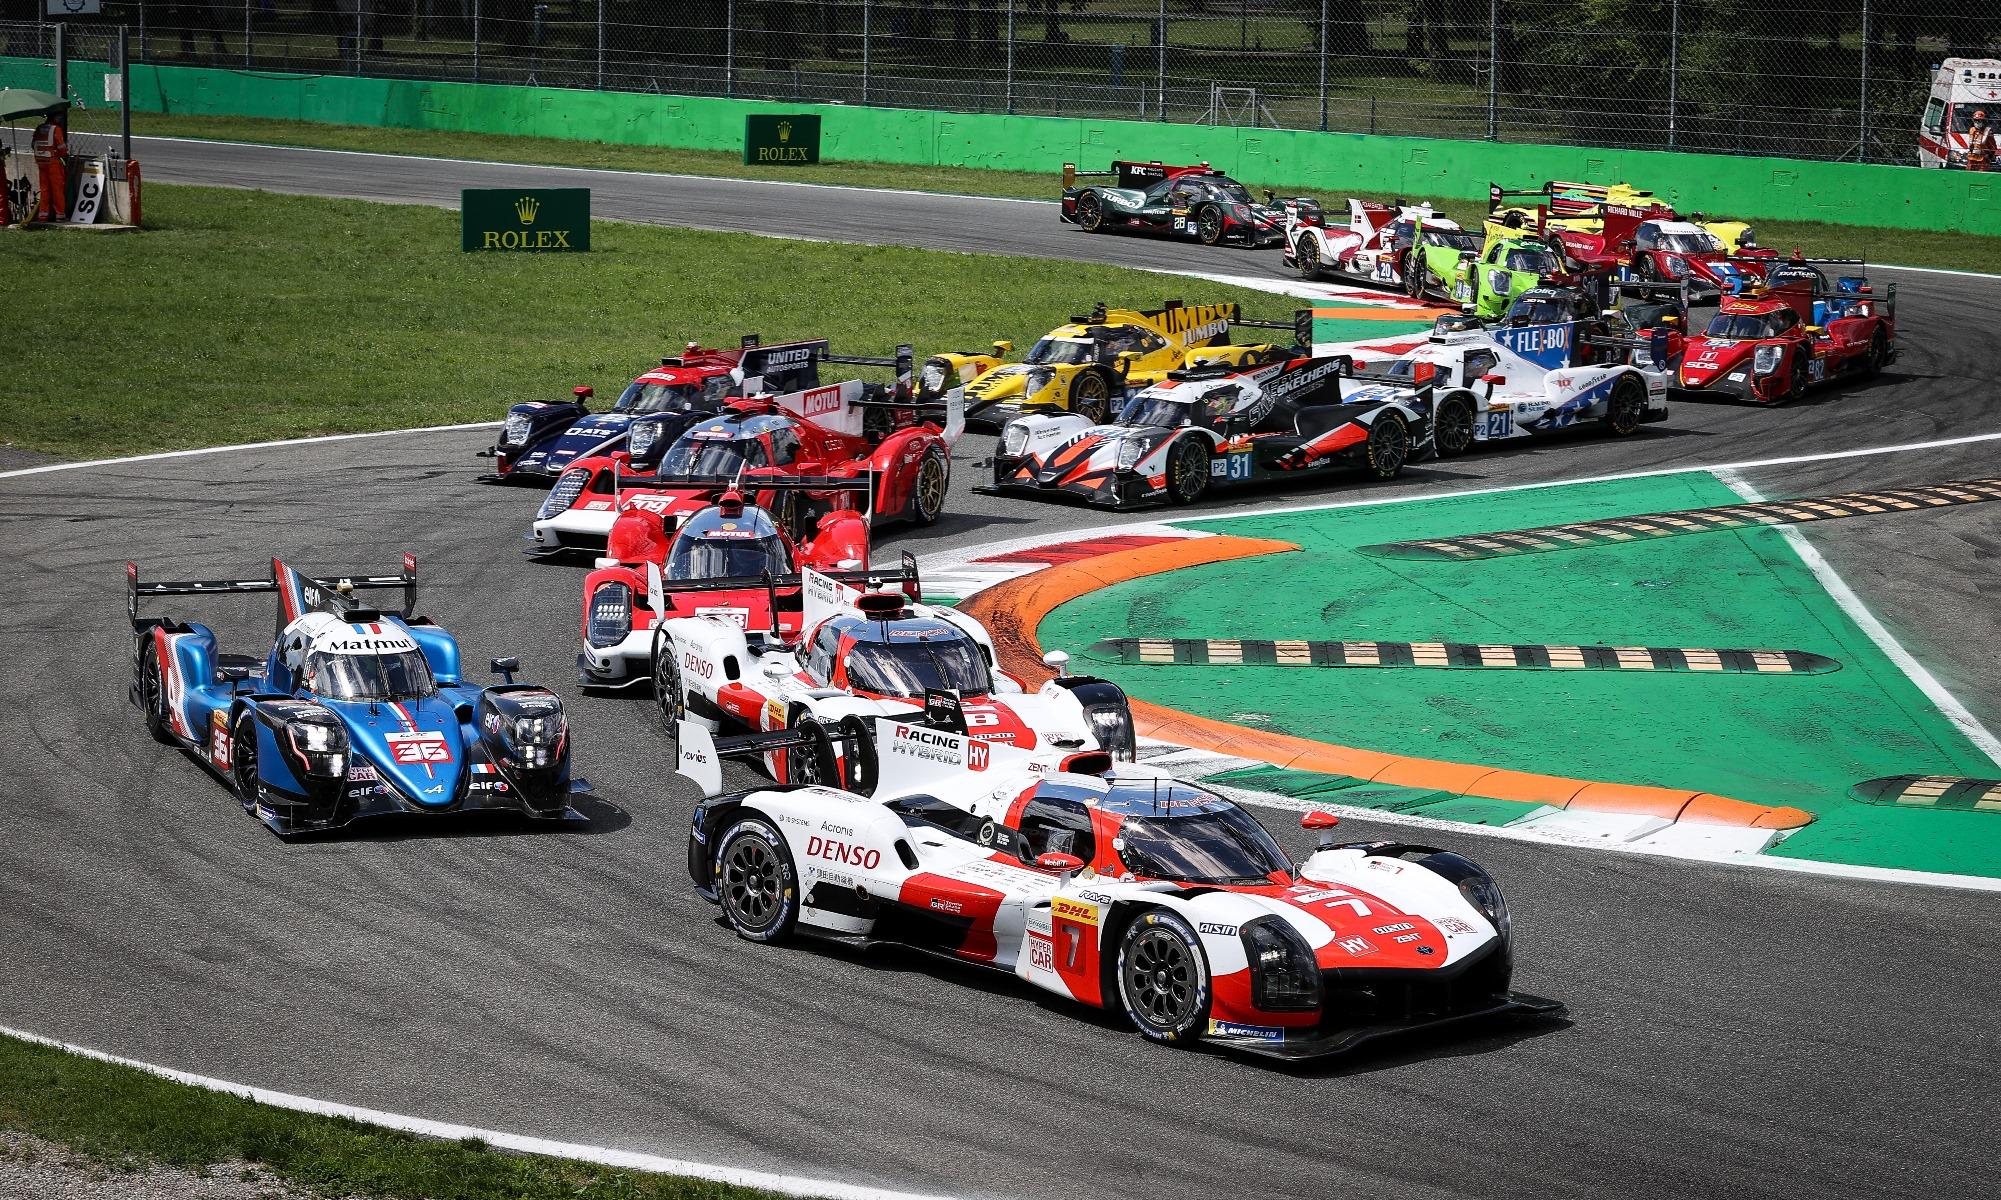 6 Hours of Monza